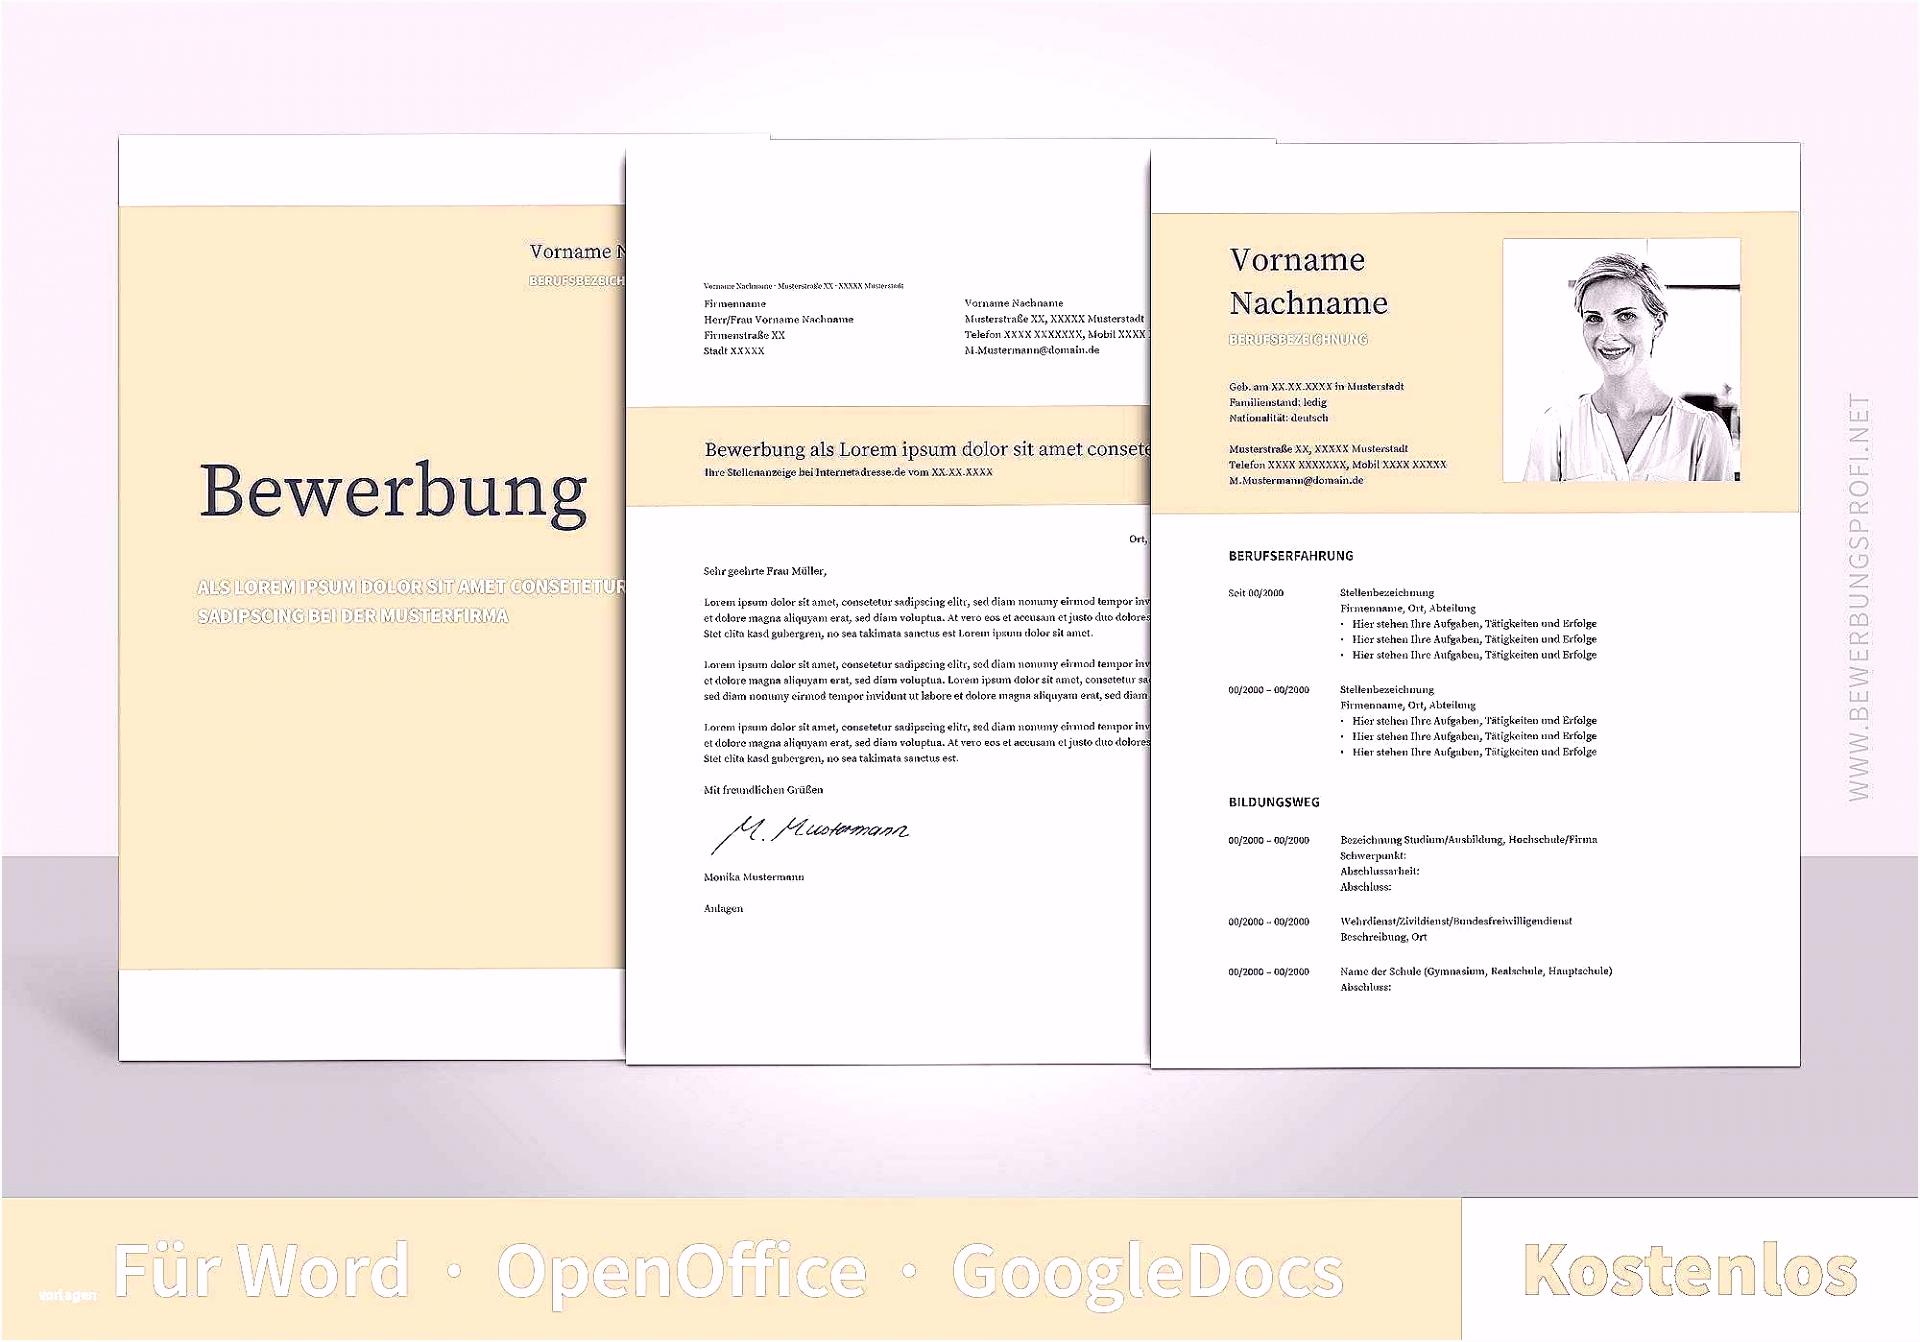 Bewerbung Template Frisch Deckblatt Bewerbung Vorlage Kostenlos Von